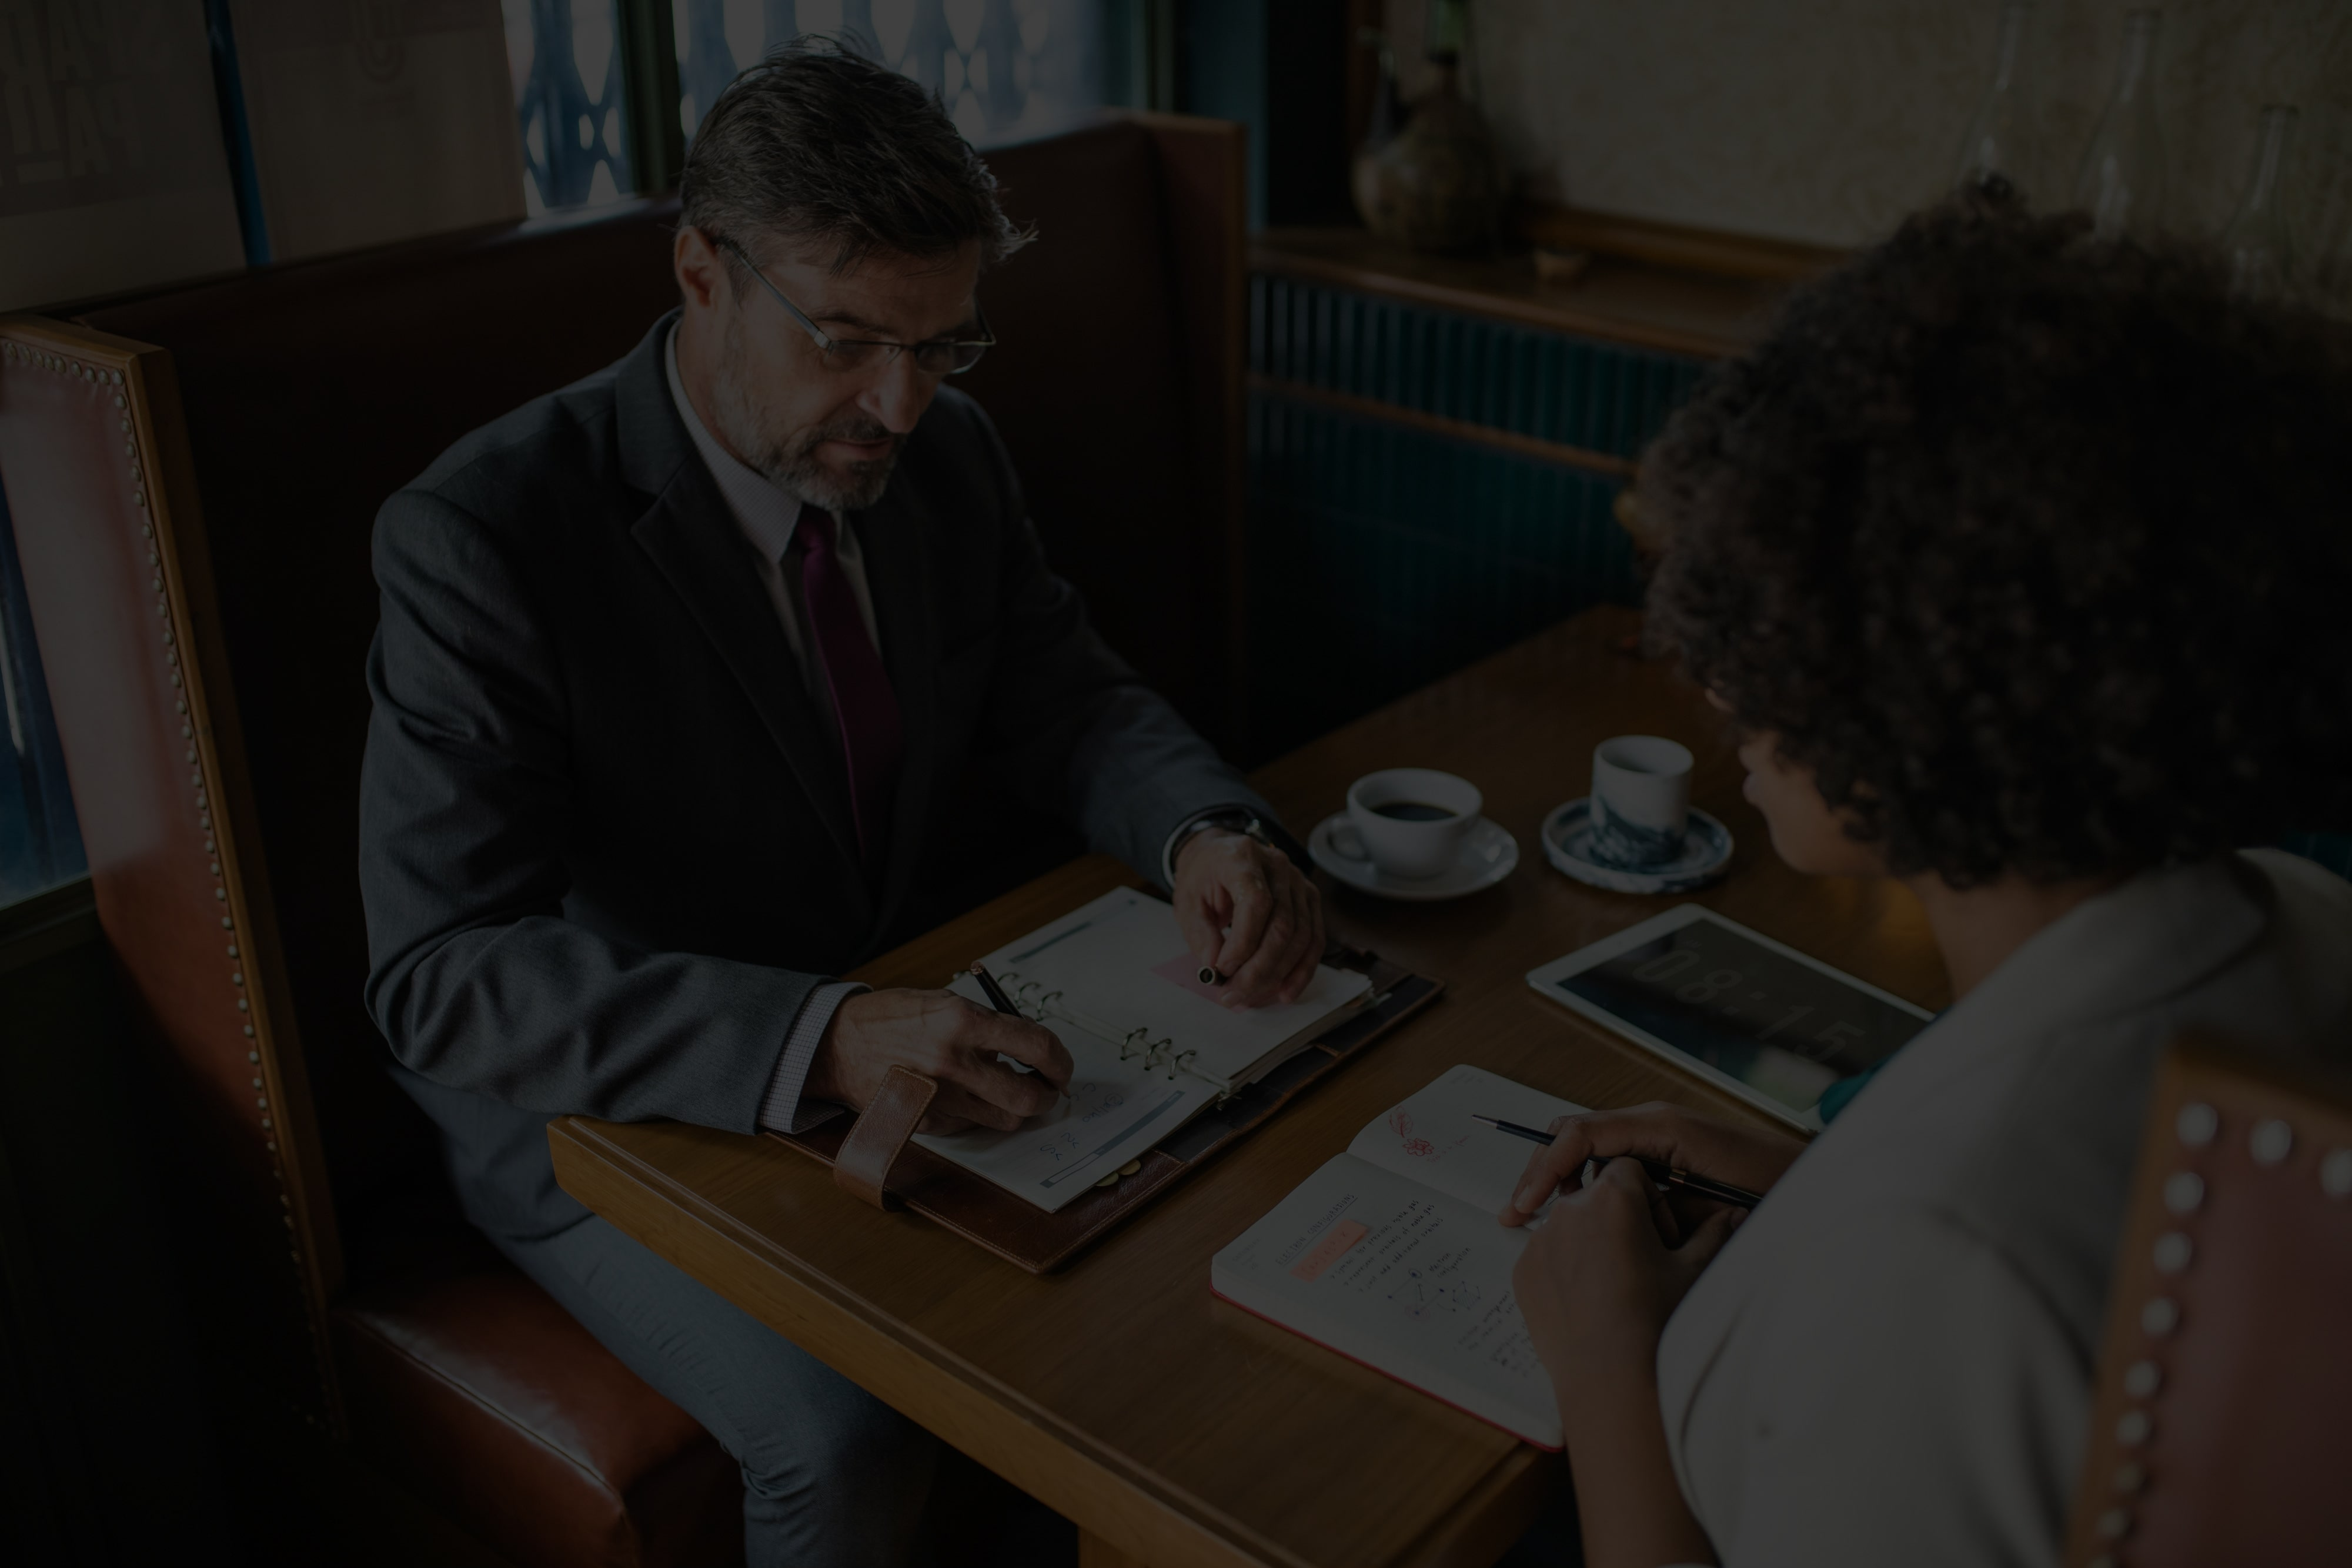 How to start an international business